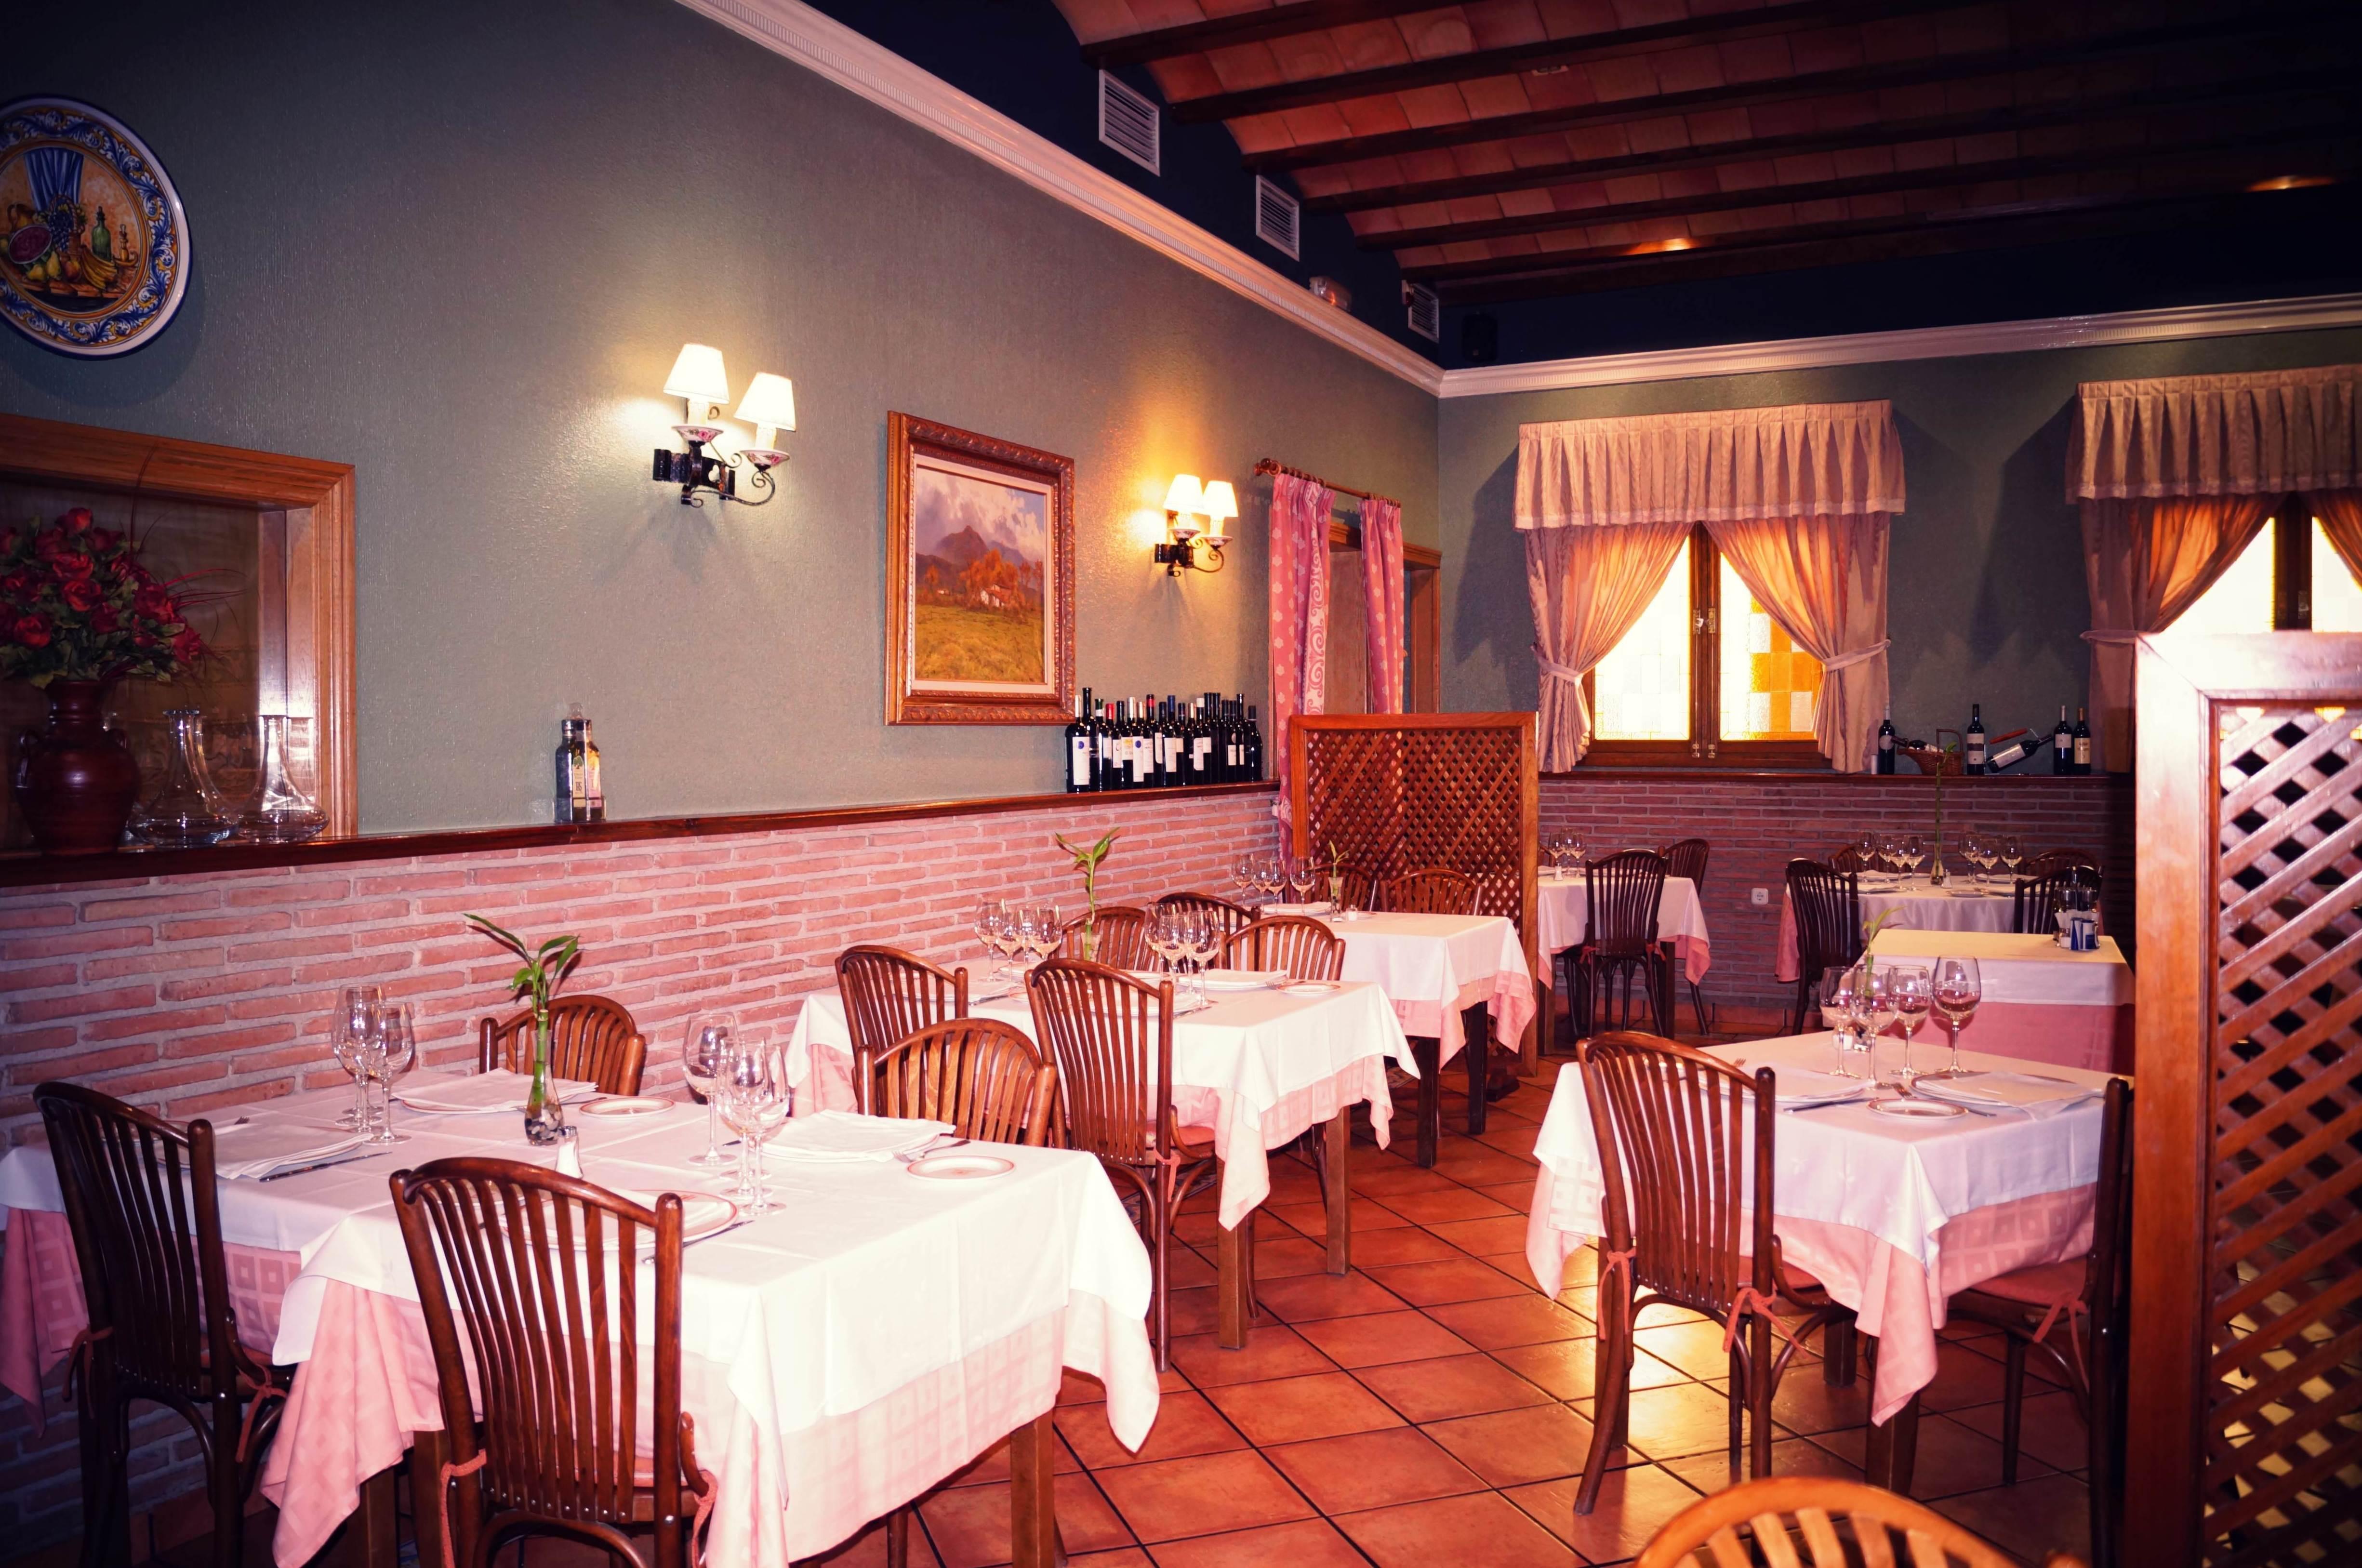 Picture 6 of Cocina mediterránea in Madrid | El Asador de Orgaz